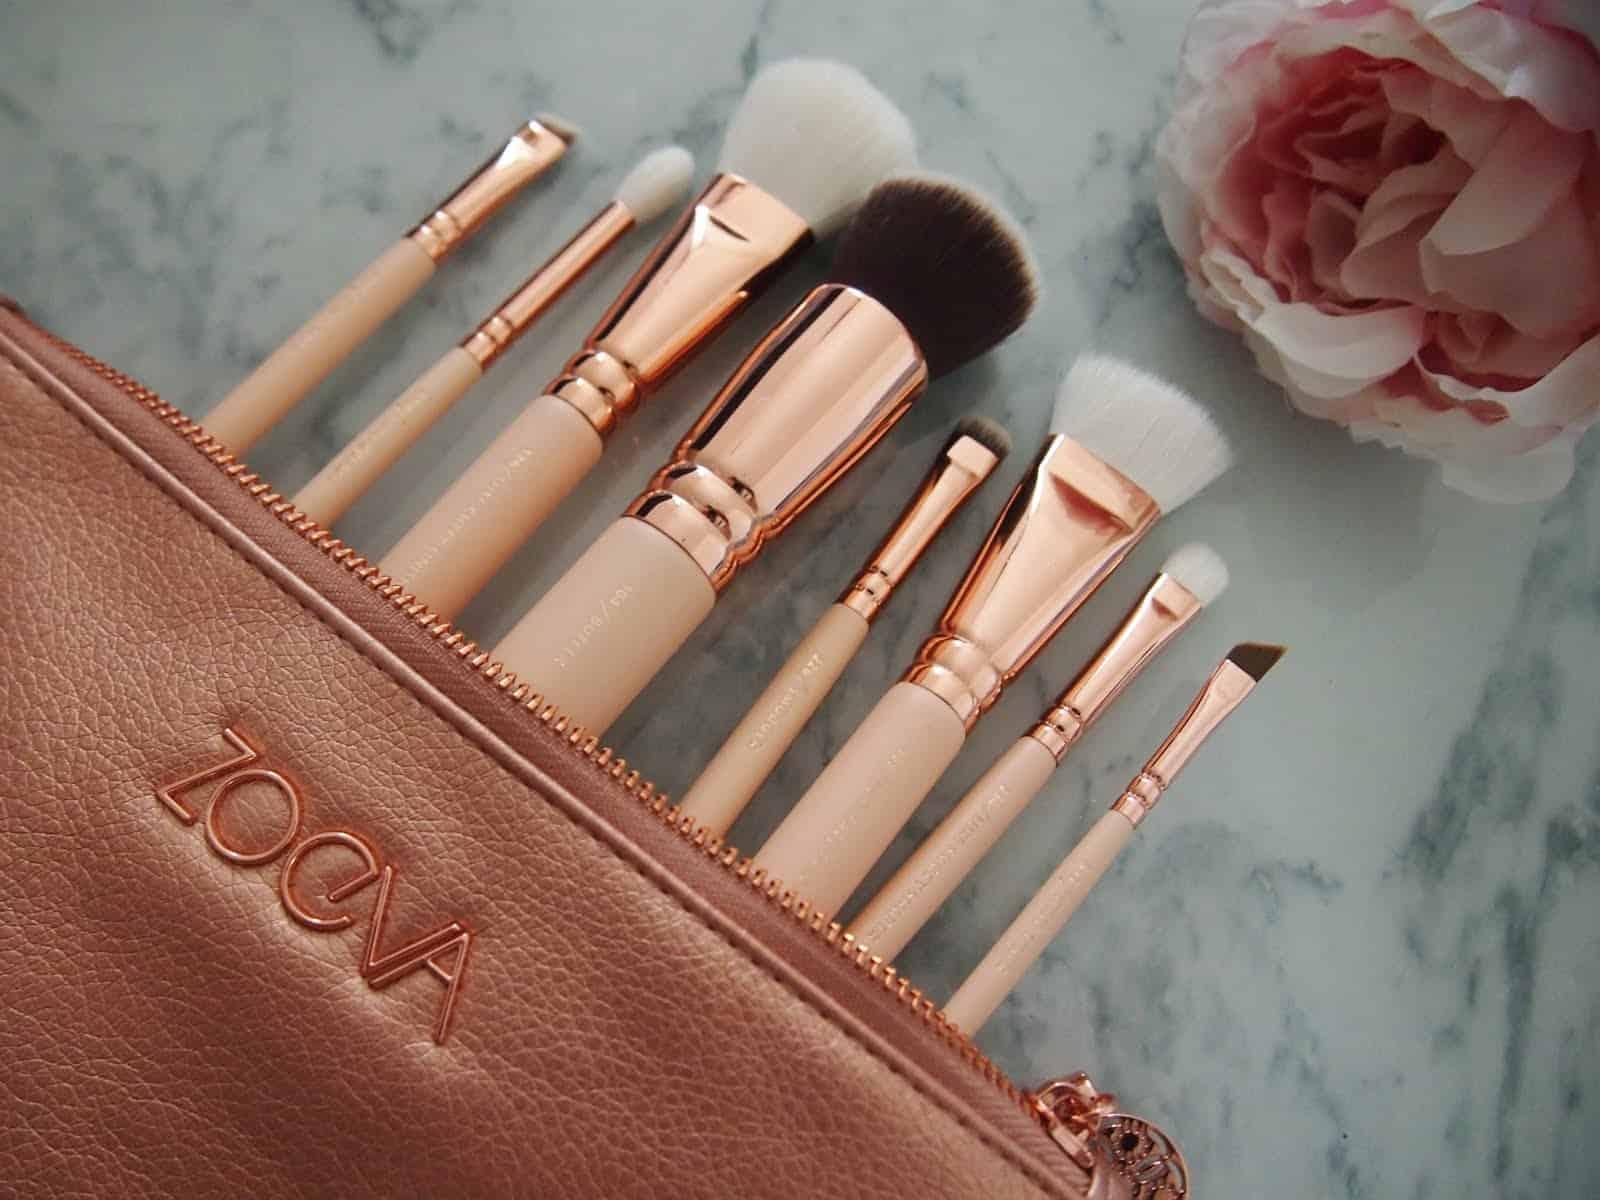 zoeva-cosmetiques-meilleurs-pinceaux-accessoires-maquillage-comparatif-top10